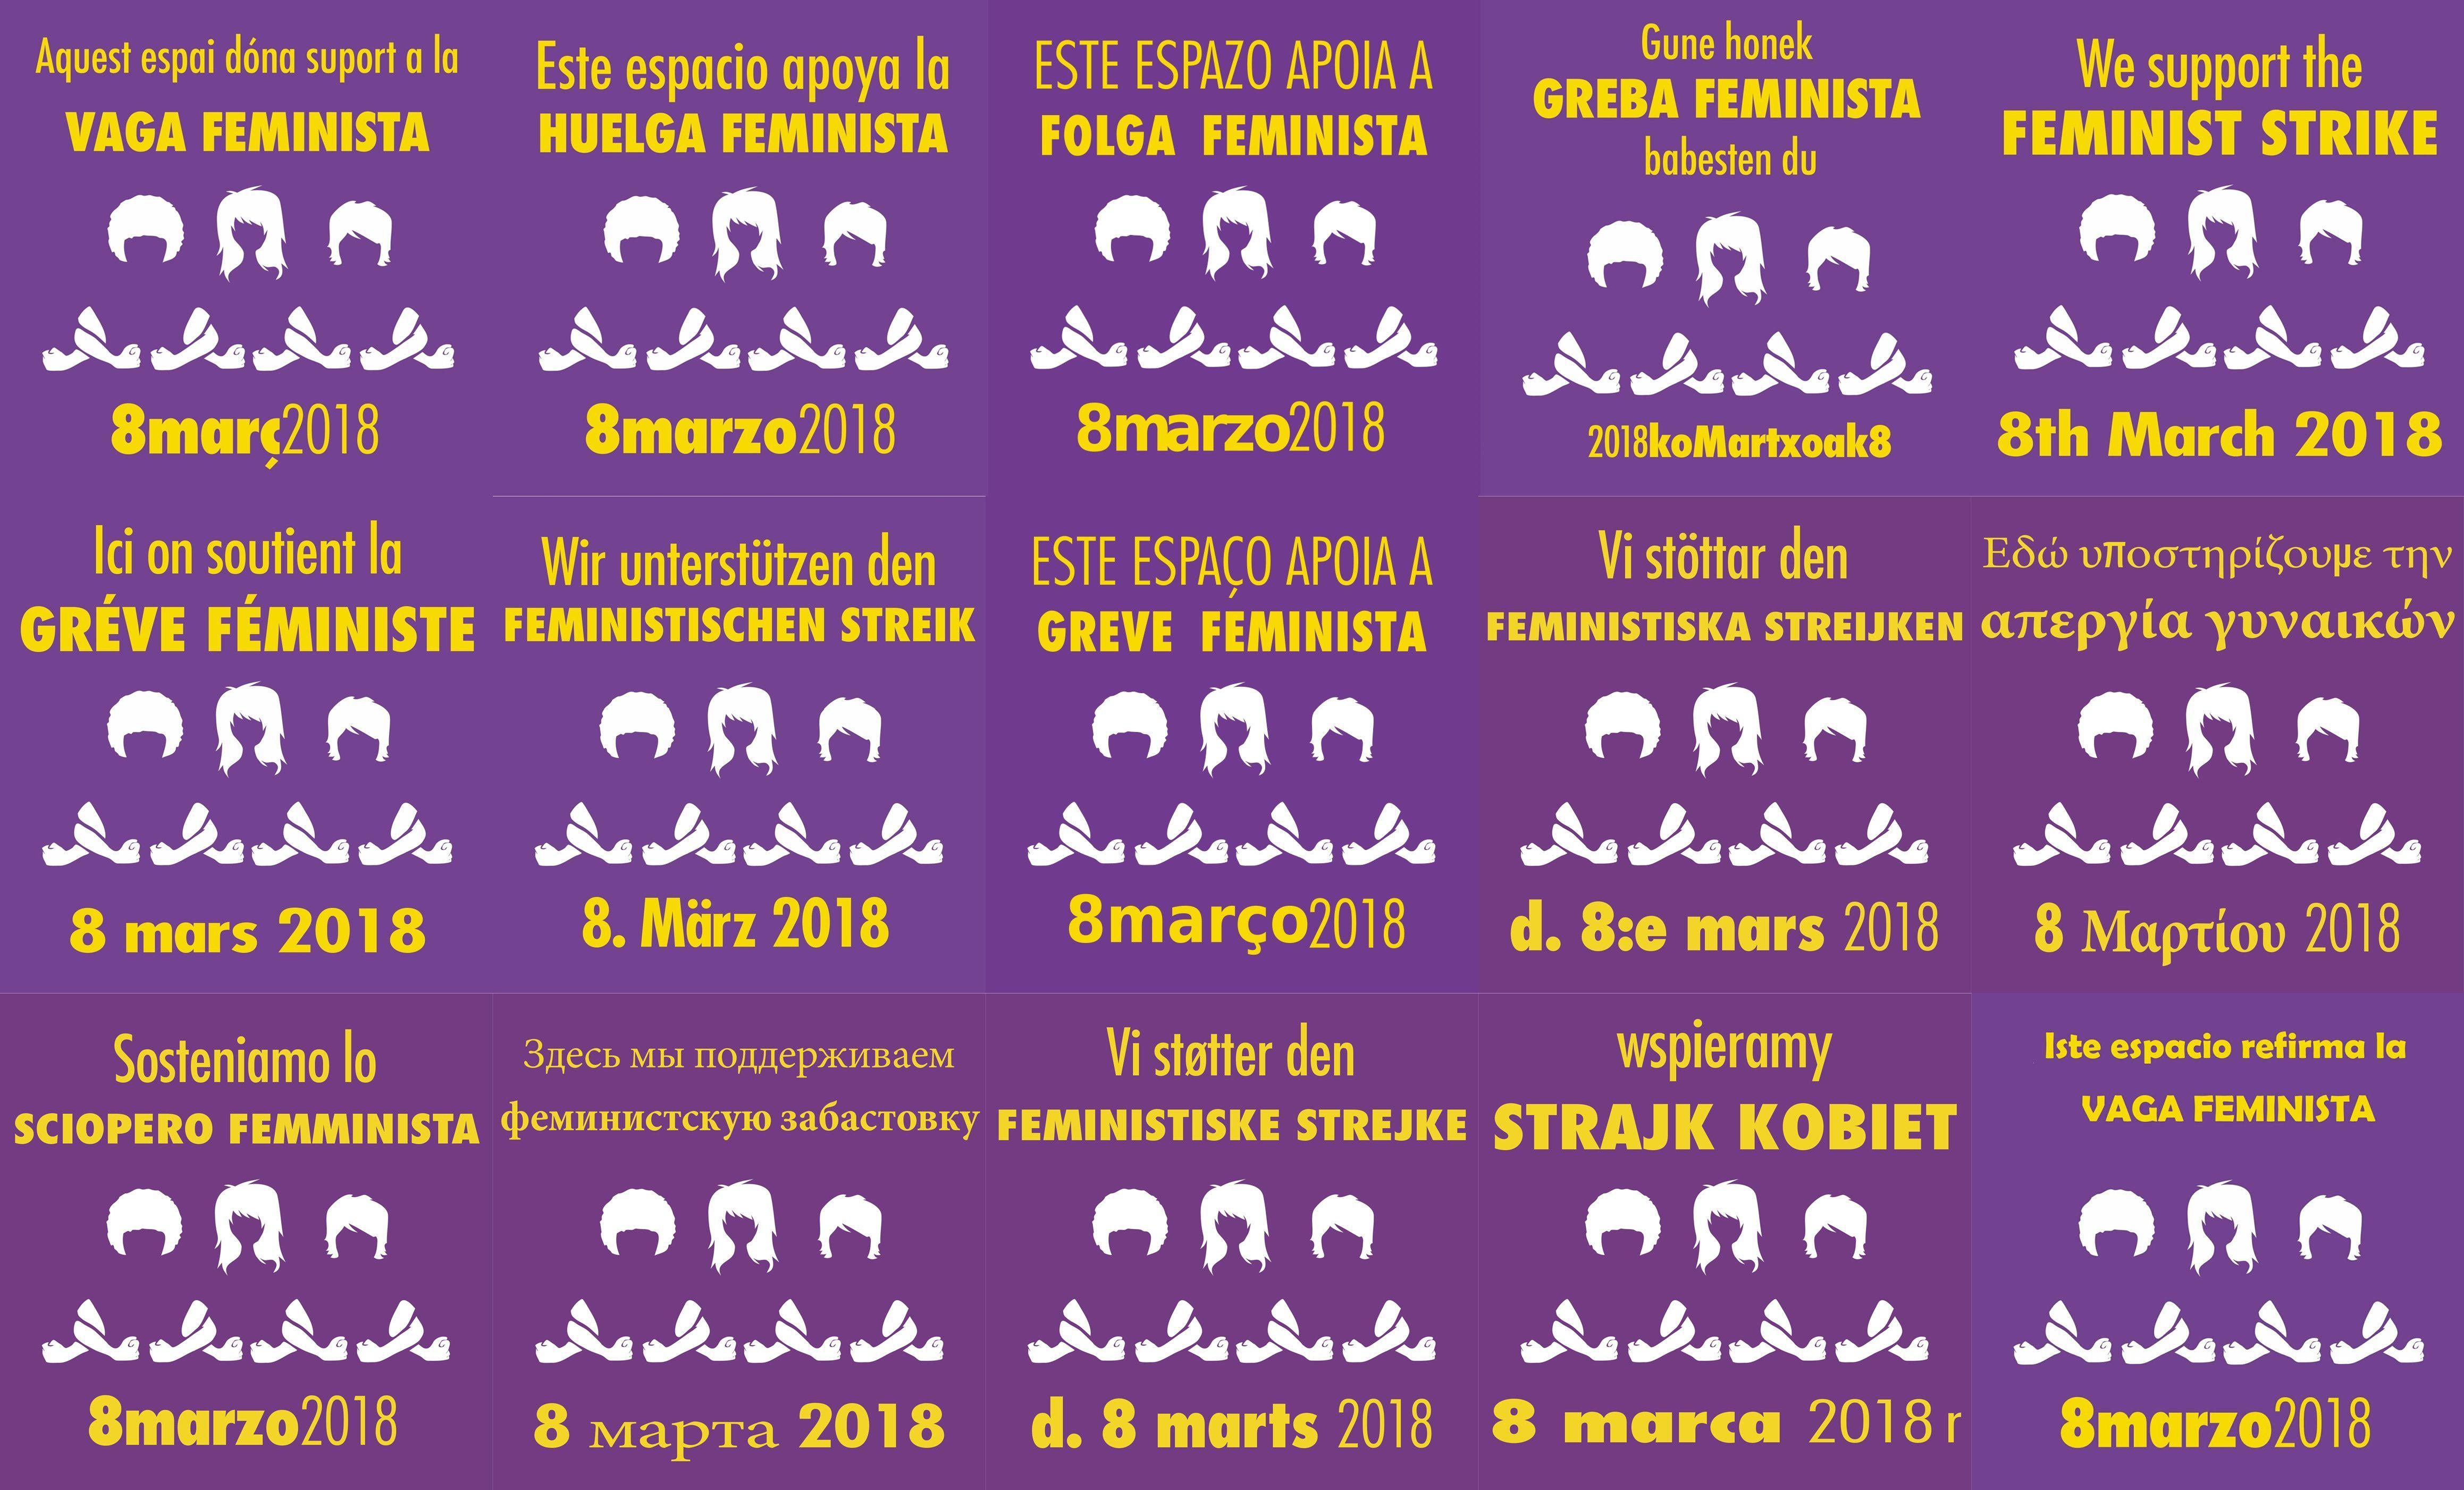 0bcf47e93425 Una huelga de mujeres que cambia la conciencia universal sobre la ...